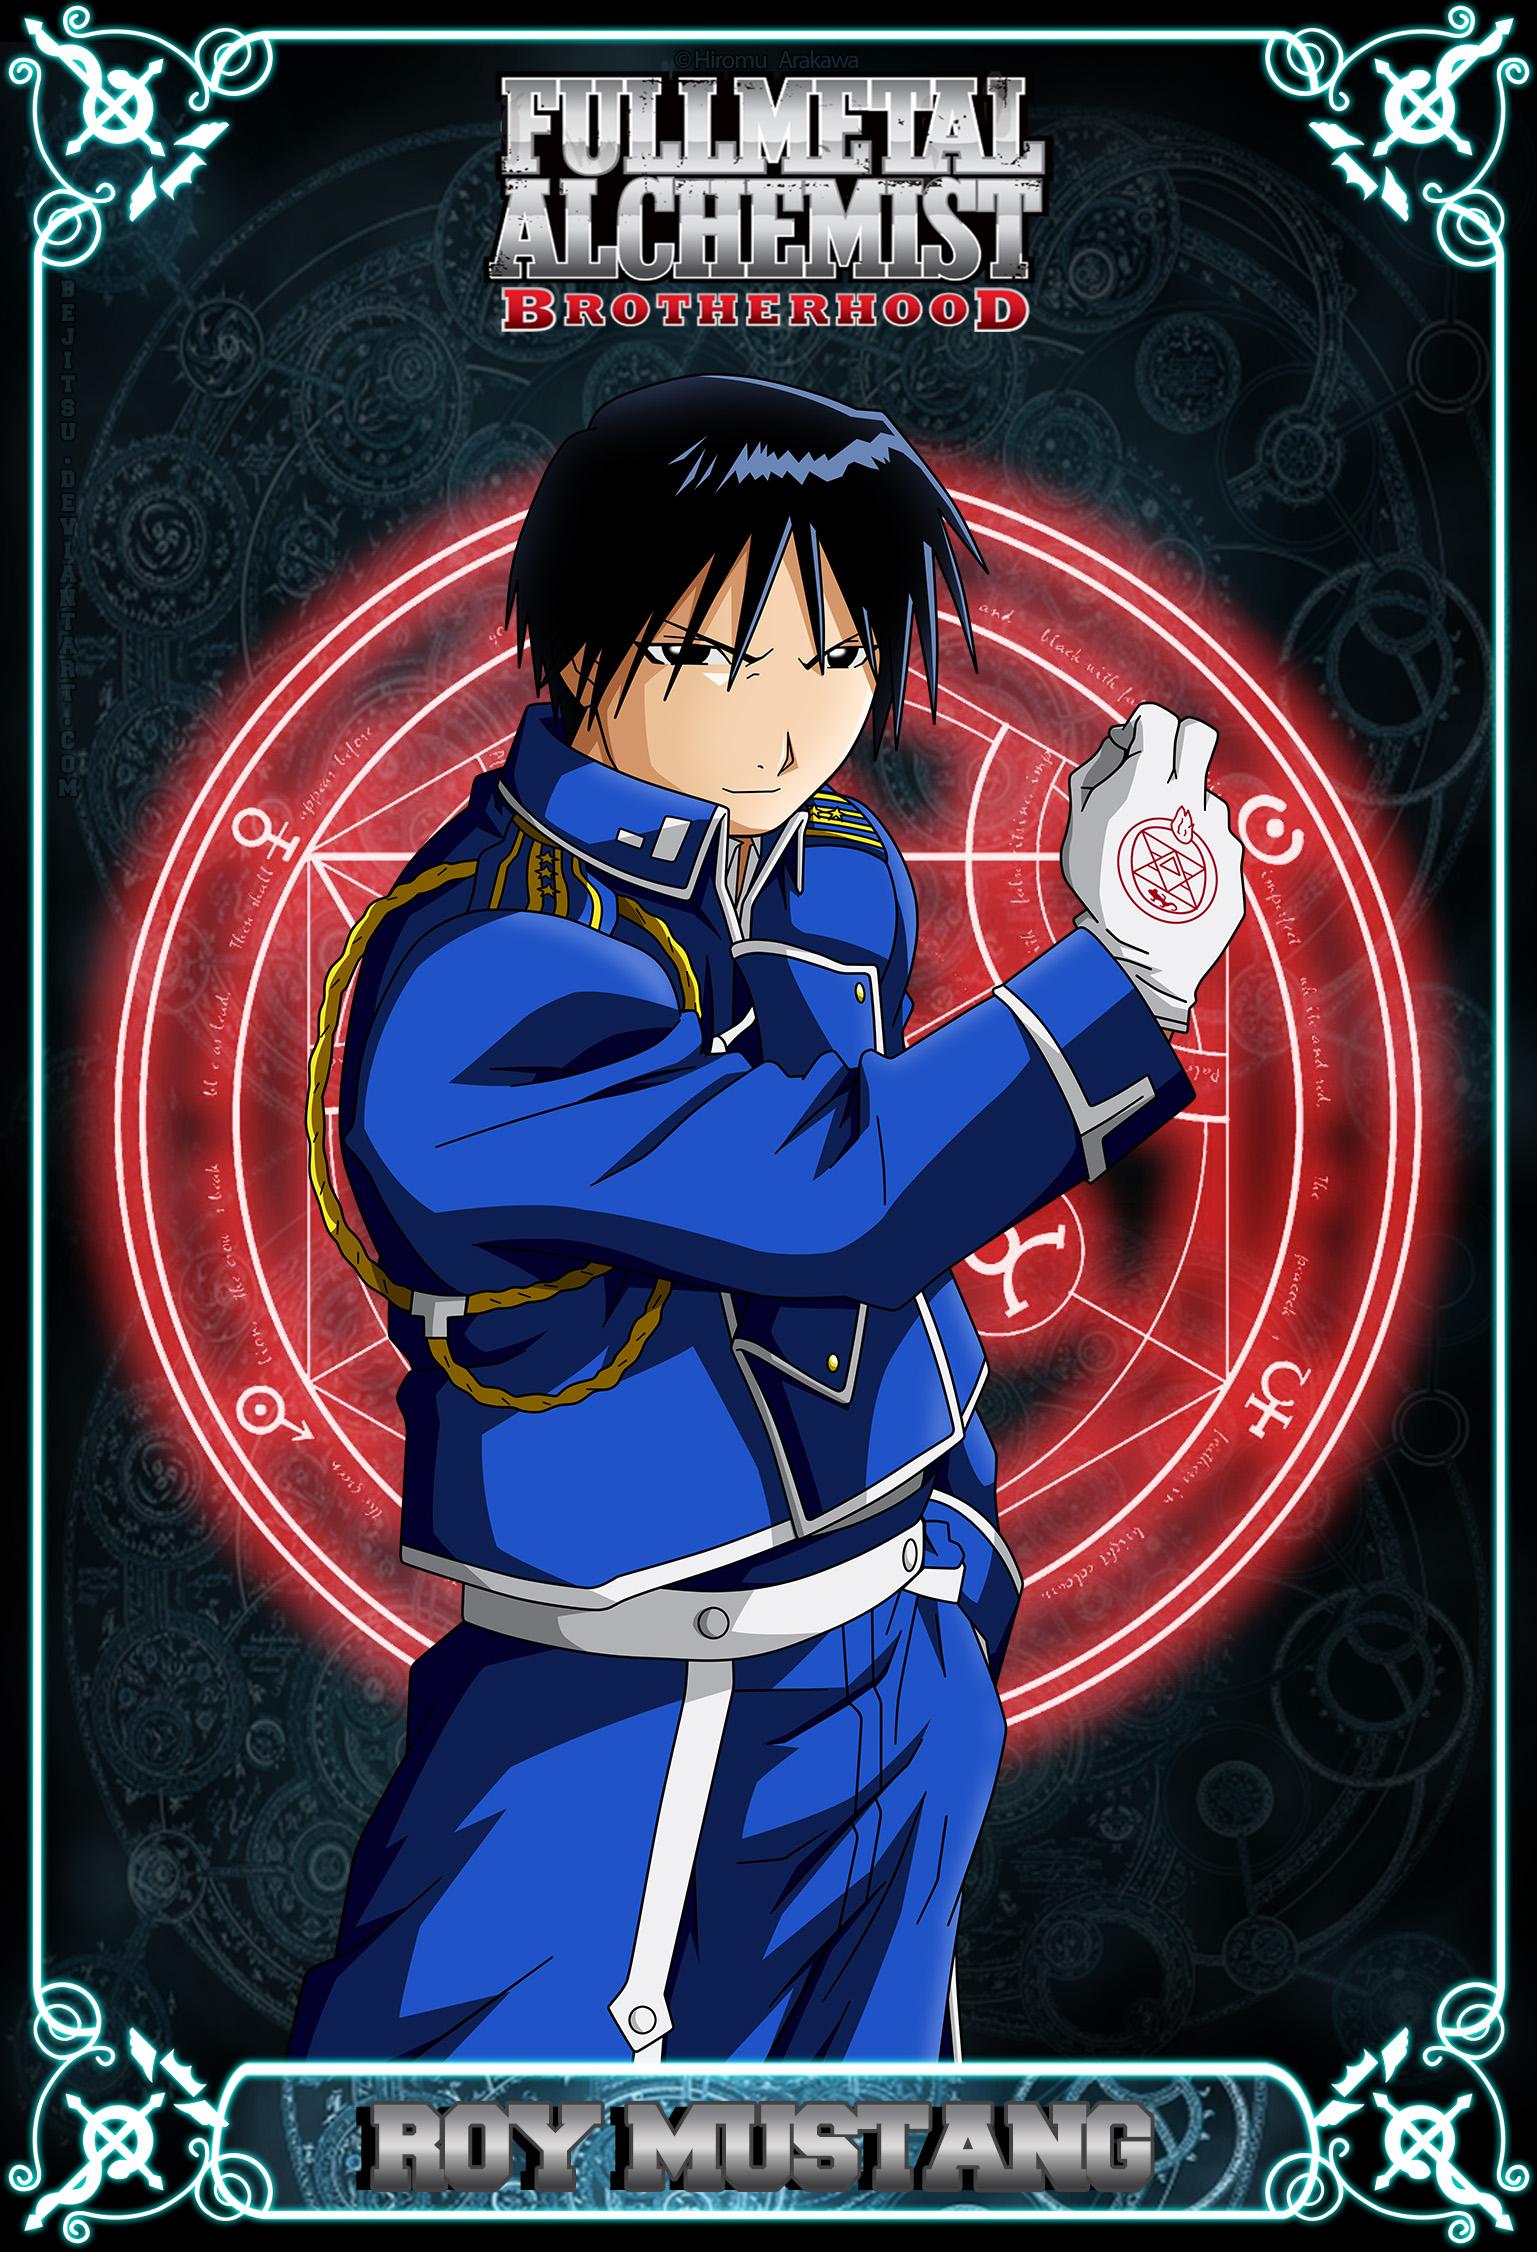 Full Metal Alchemist Brotherhood - Roy Mustang by Bejitsu